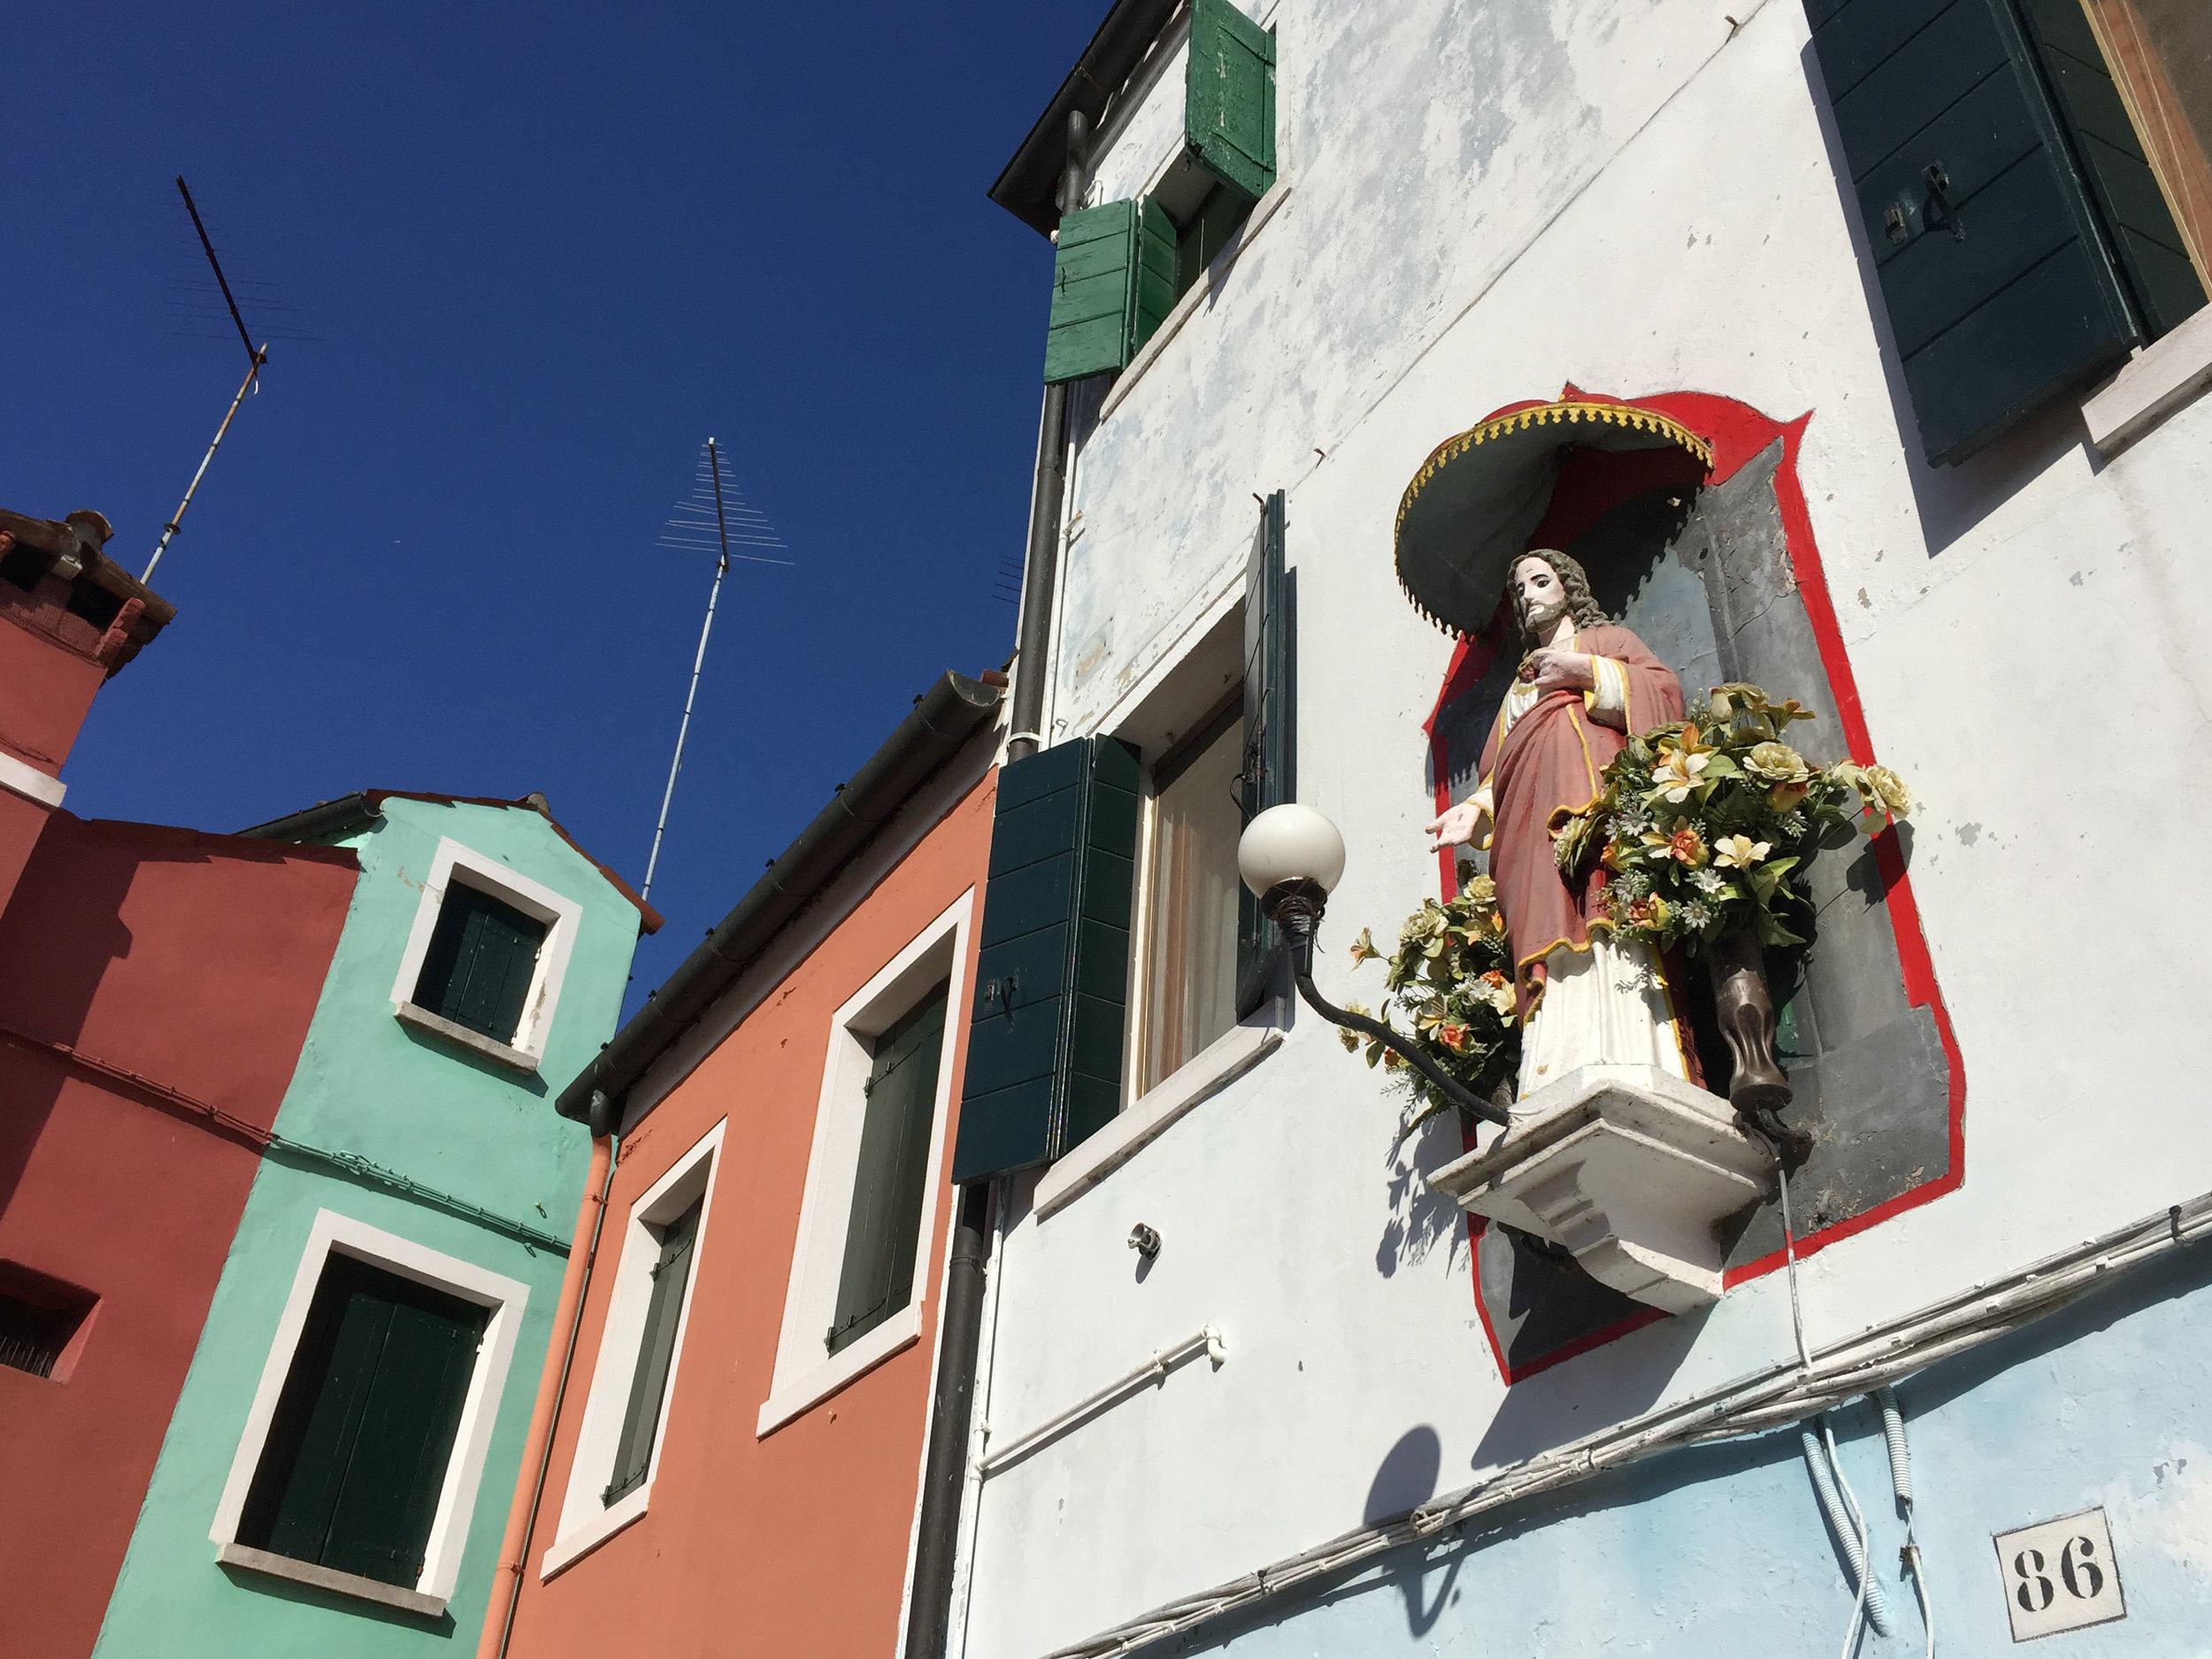 Burano, Venice, Italy, 2016.